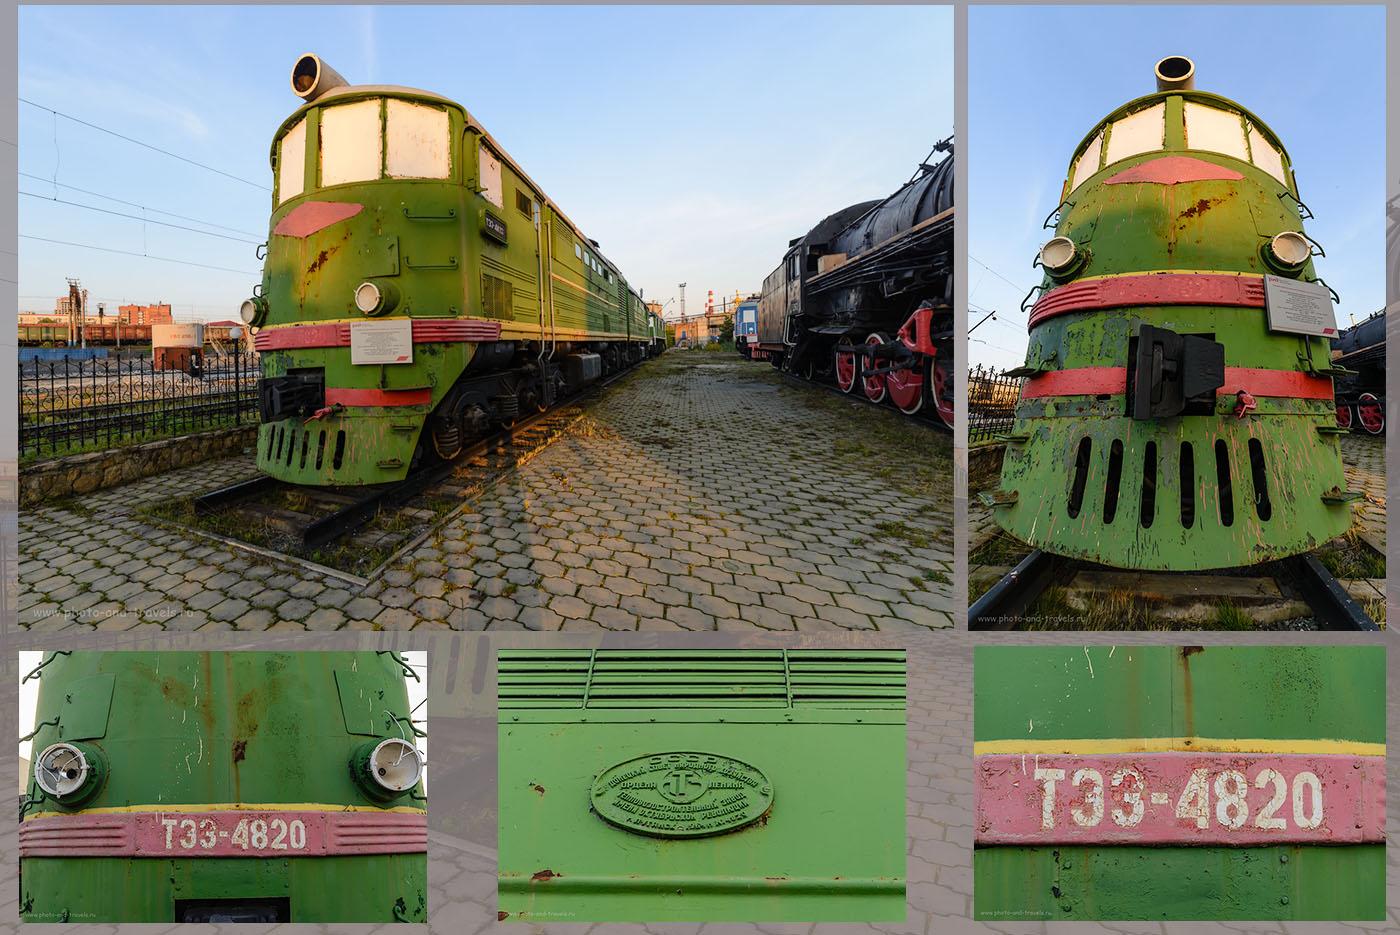 Фото 19. Тепловоз ТЭ3 в музее РЖД. Снято на Nikon D610 и объектив Samyang 14mm f/2.8.